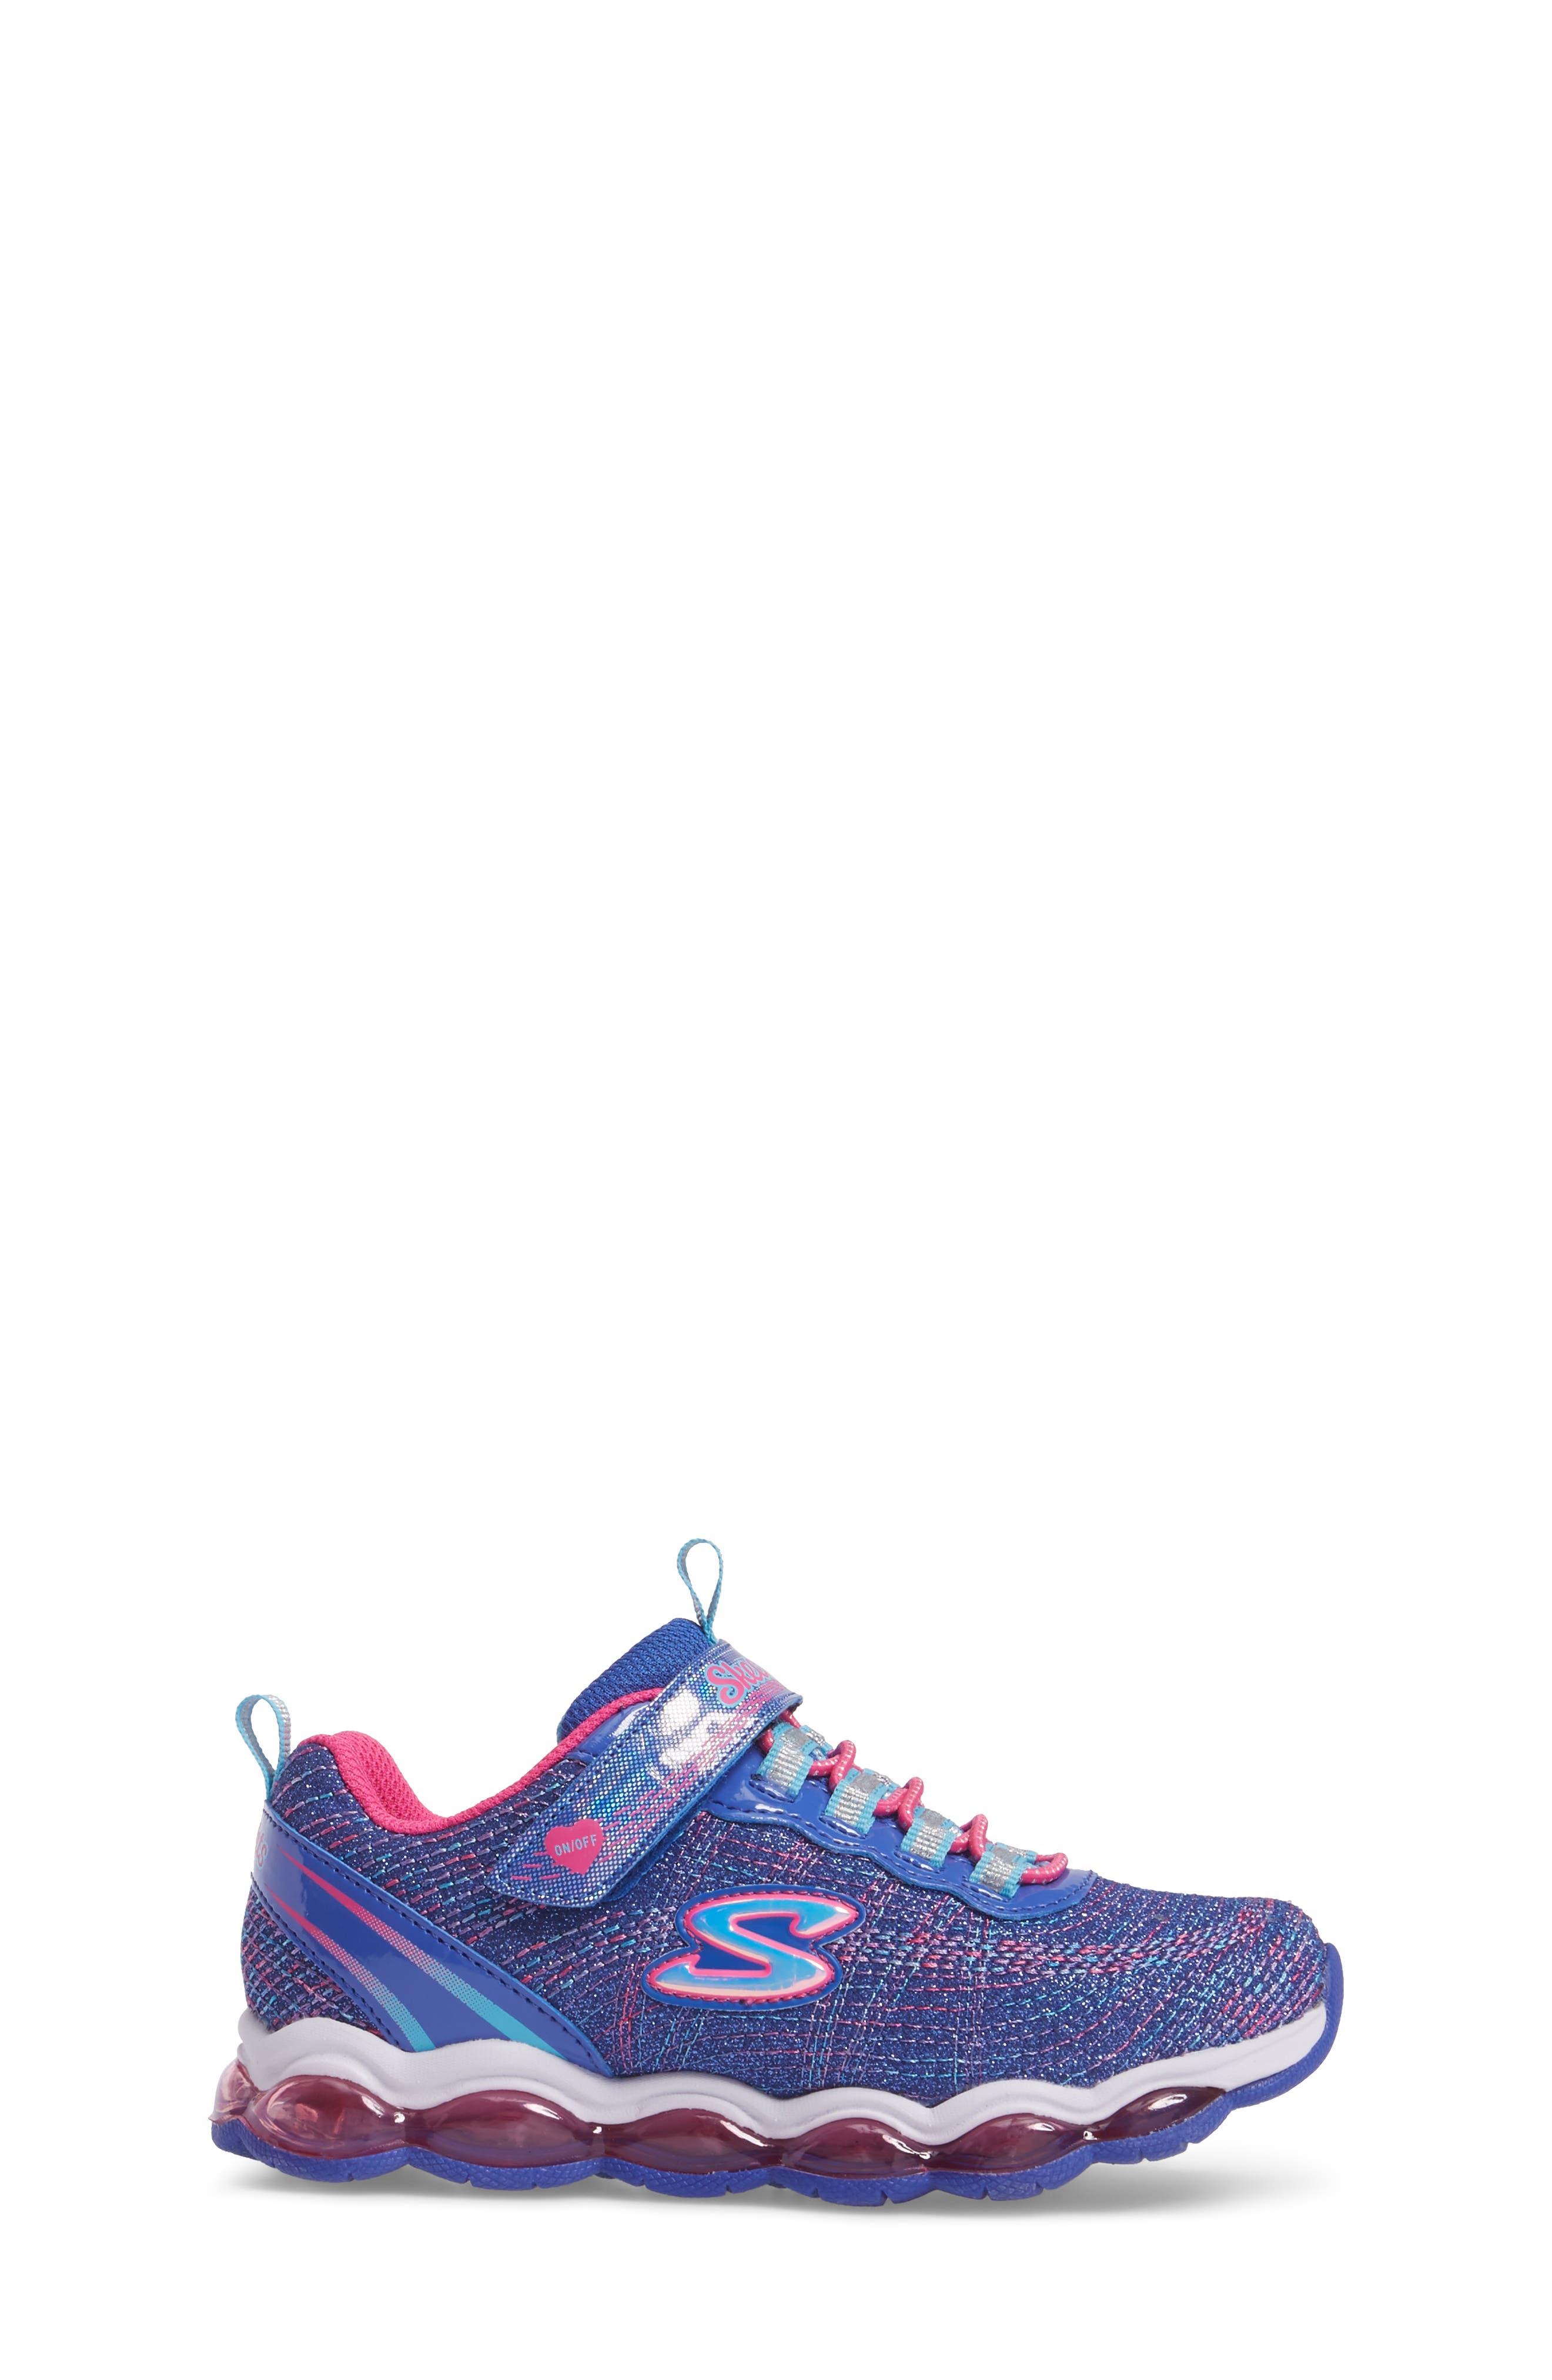 Alternate Image 3  - SKECHERS Glimmer Lights Sneakers (Toddler & Little Kid)